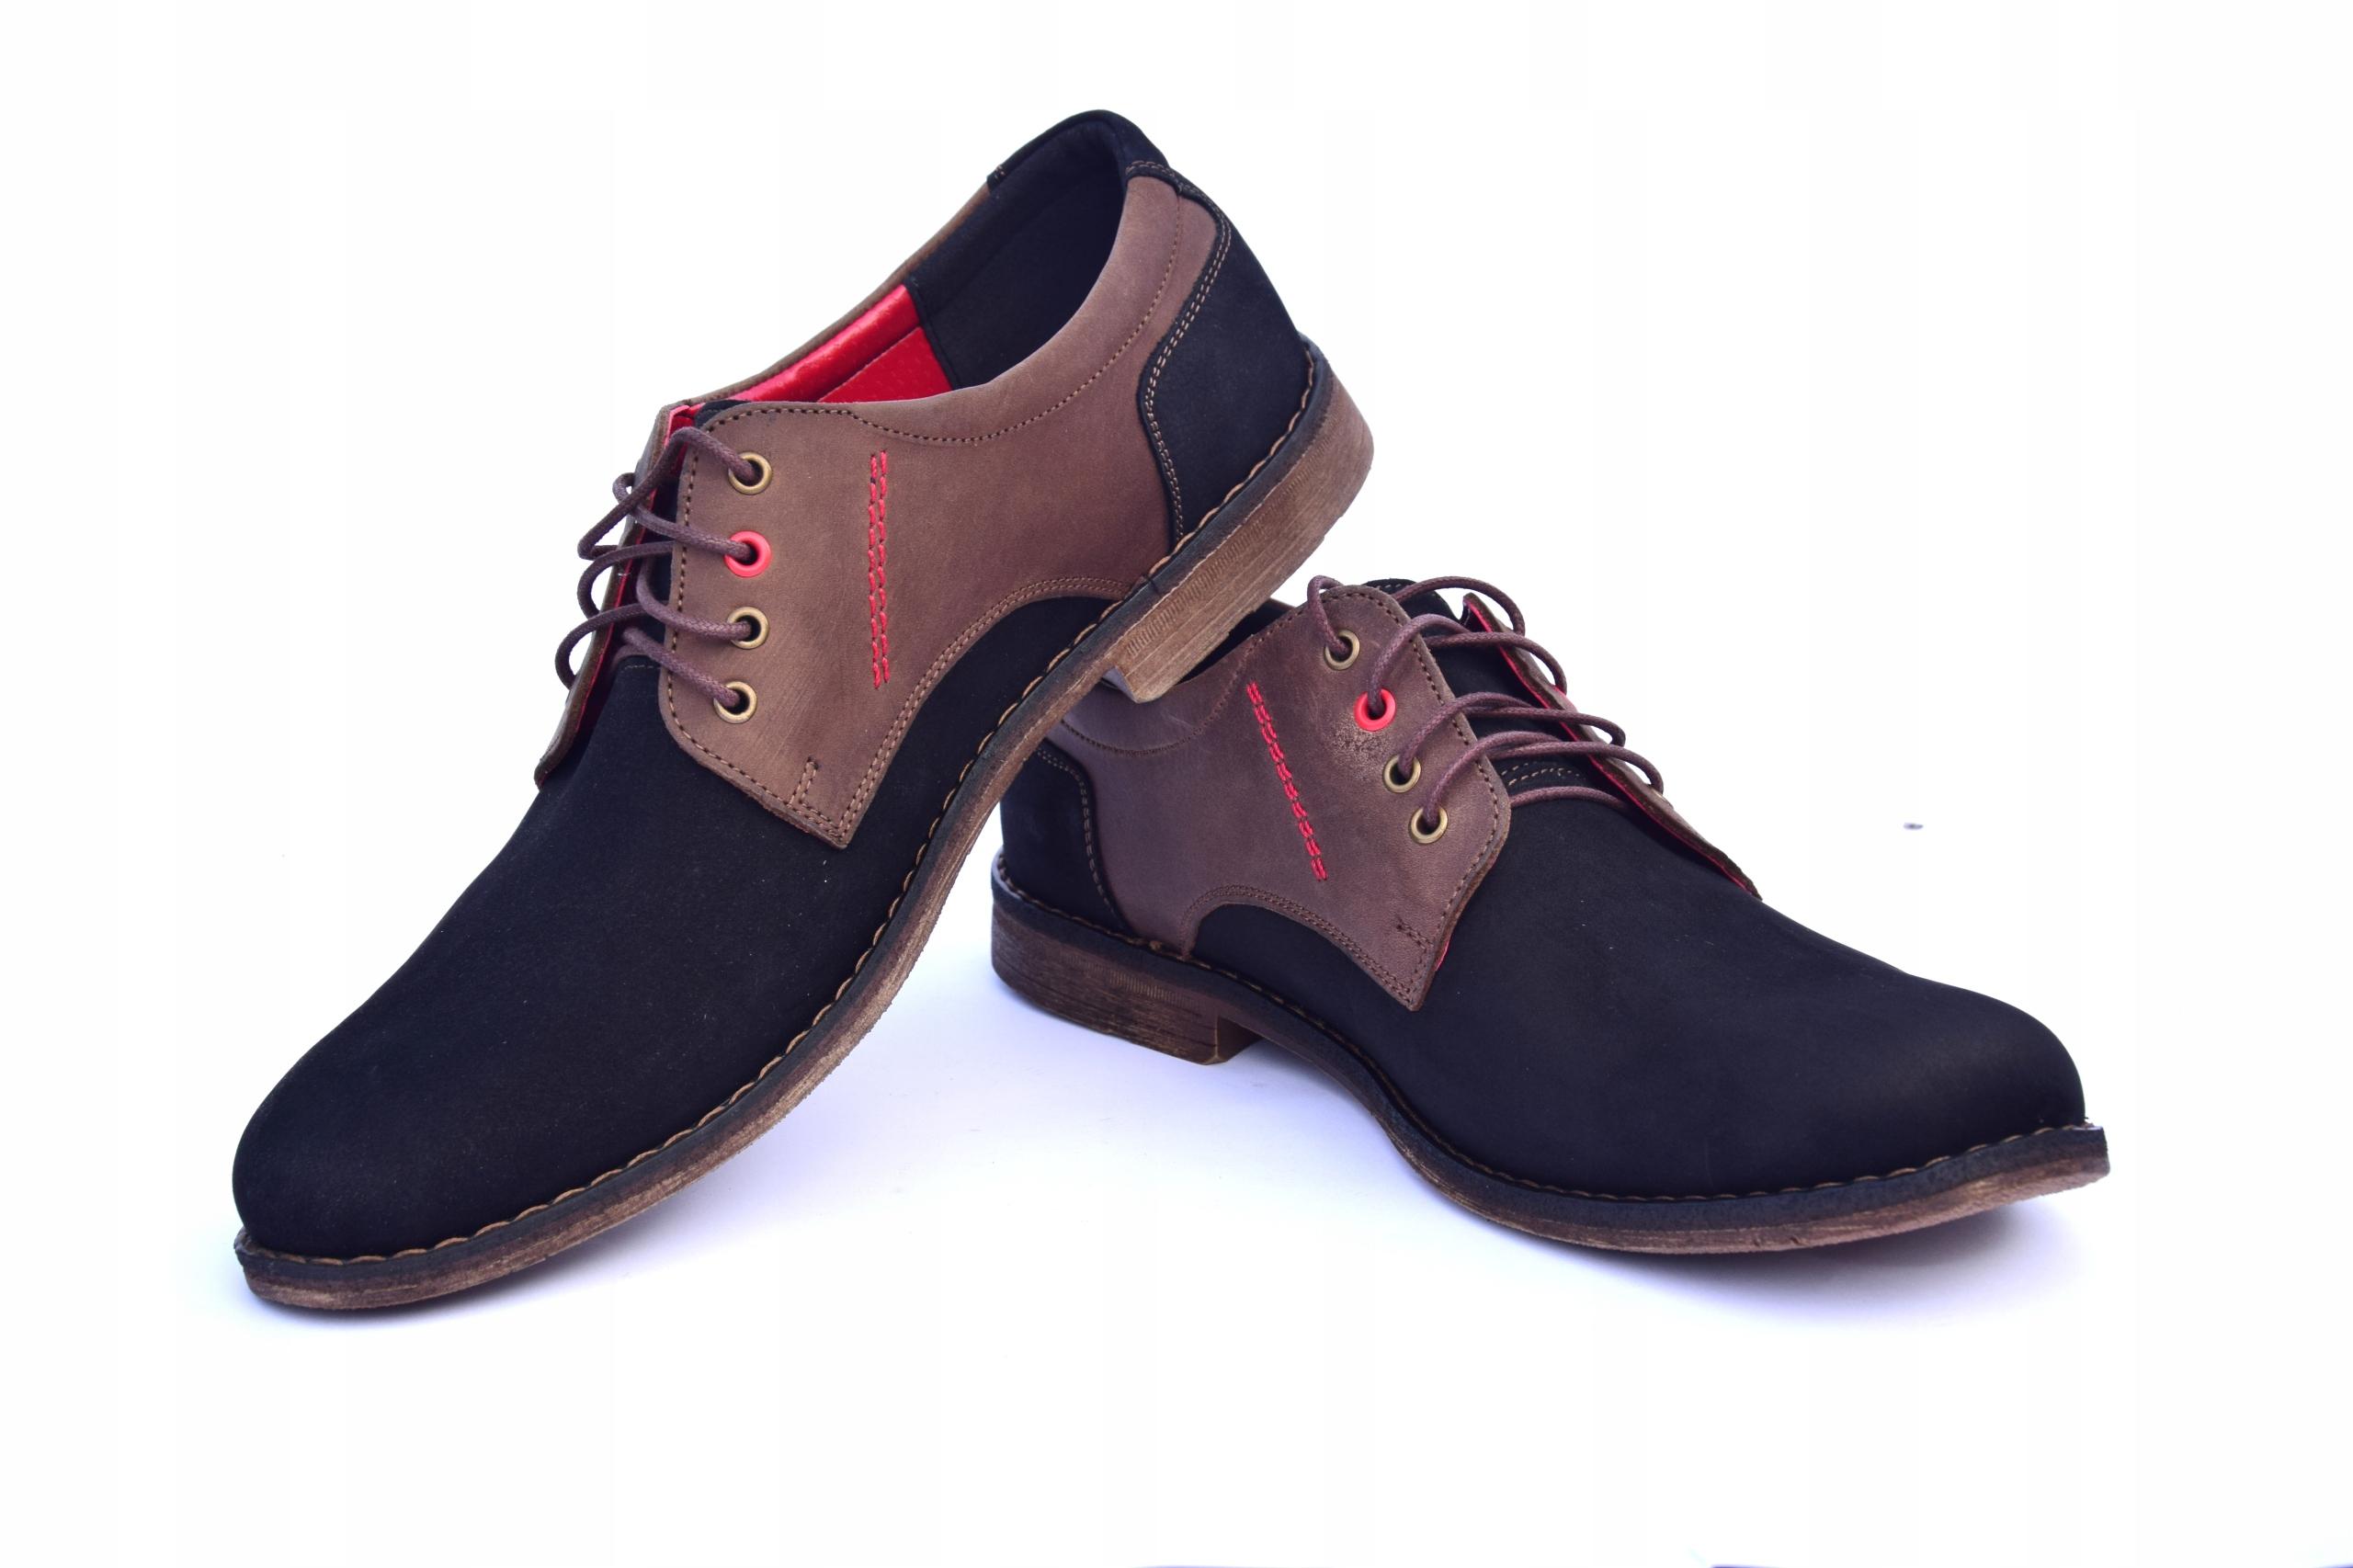 Buty skórzane męskie obuwie polskiej produkcji 258 Kolor brązowy czarny